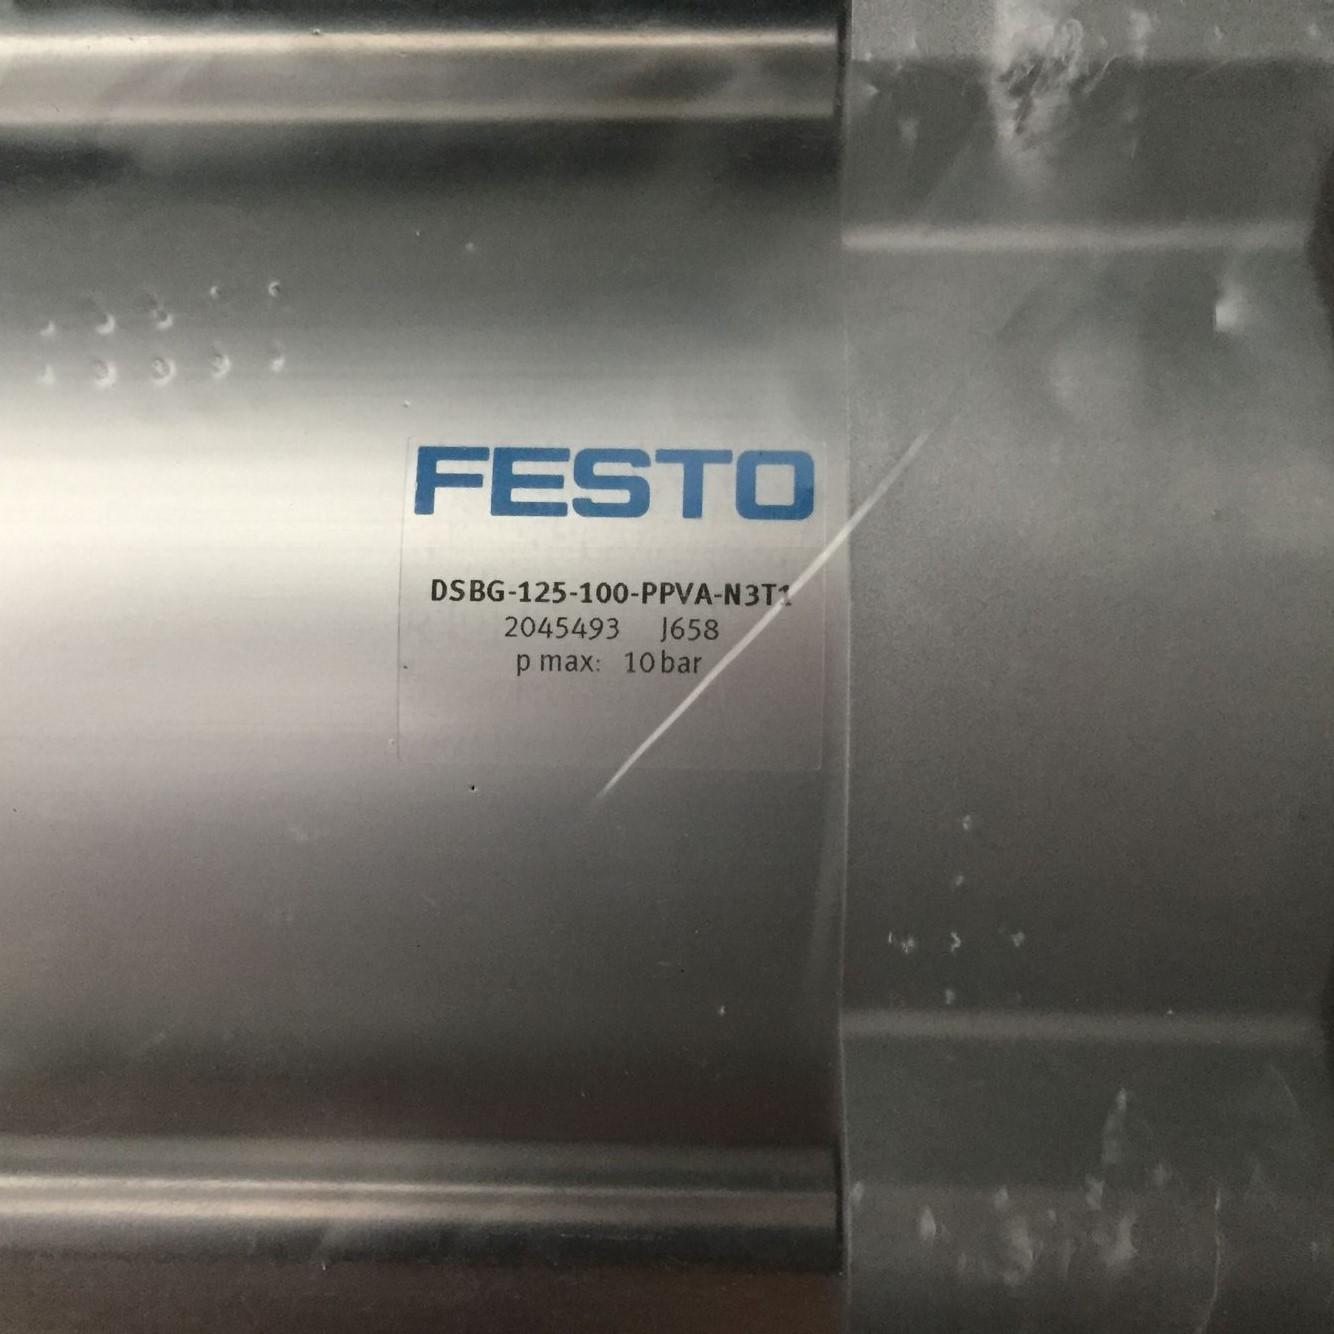 Xy lanh FESTO DSBG-125-100-PVV-N3T1 2045493